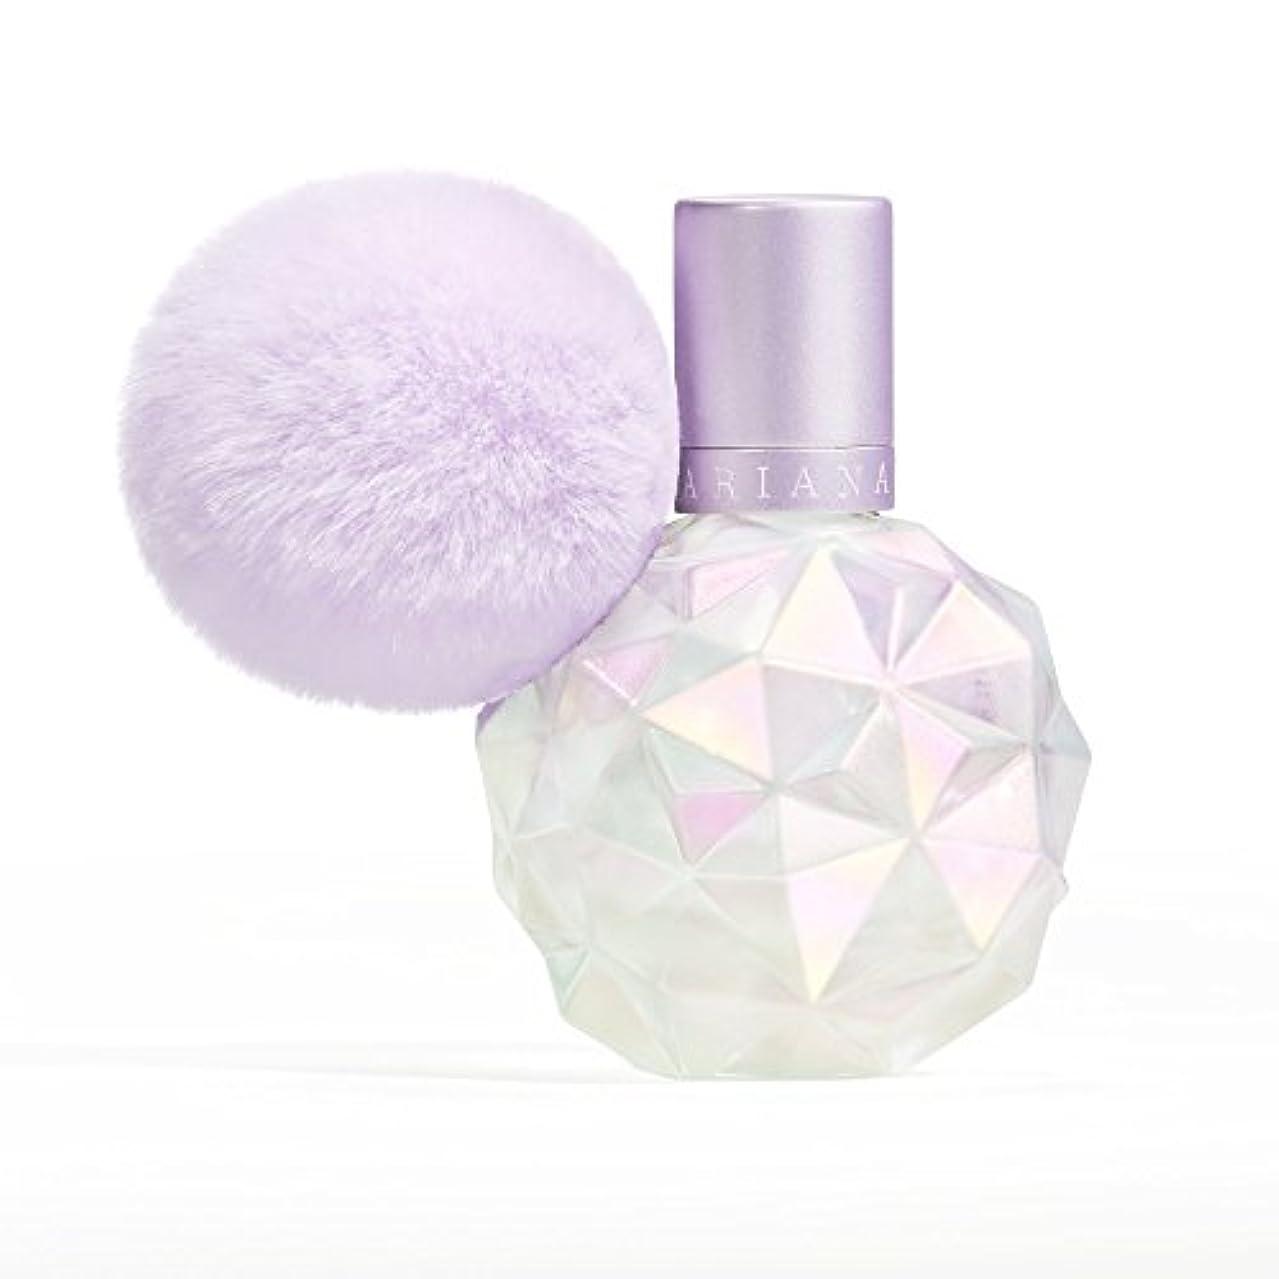 どういたしまして車暗記するAriana Grande Moonlight Women's Perfume(アリアナ グランデ ムーンライト パフューム) 30 ml